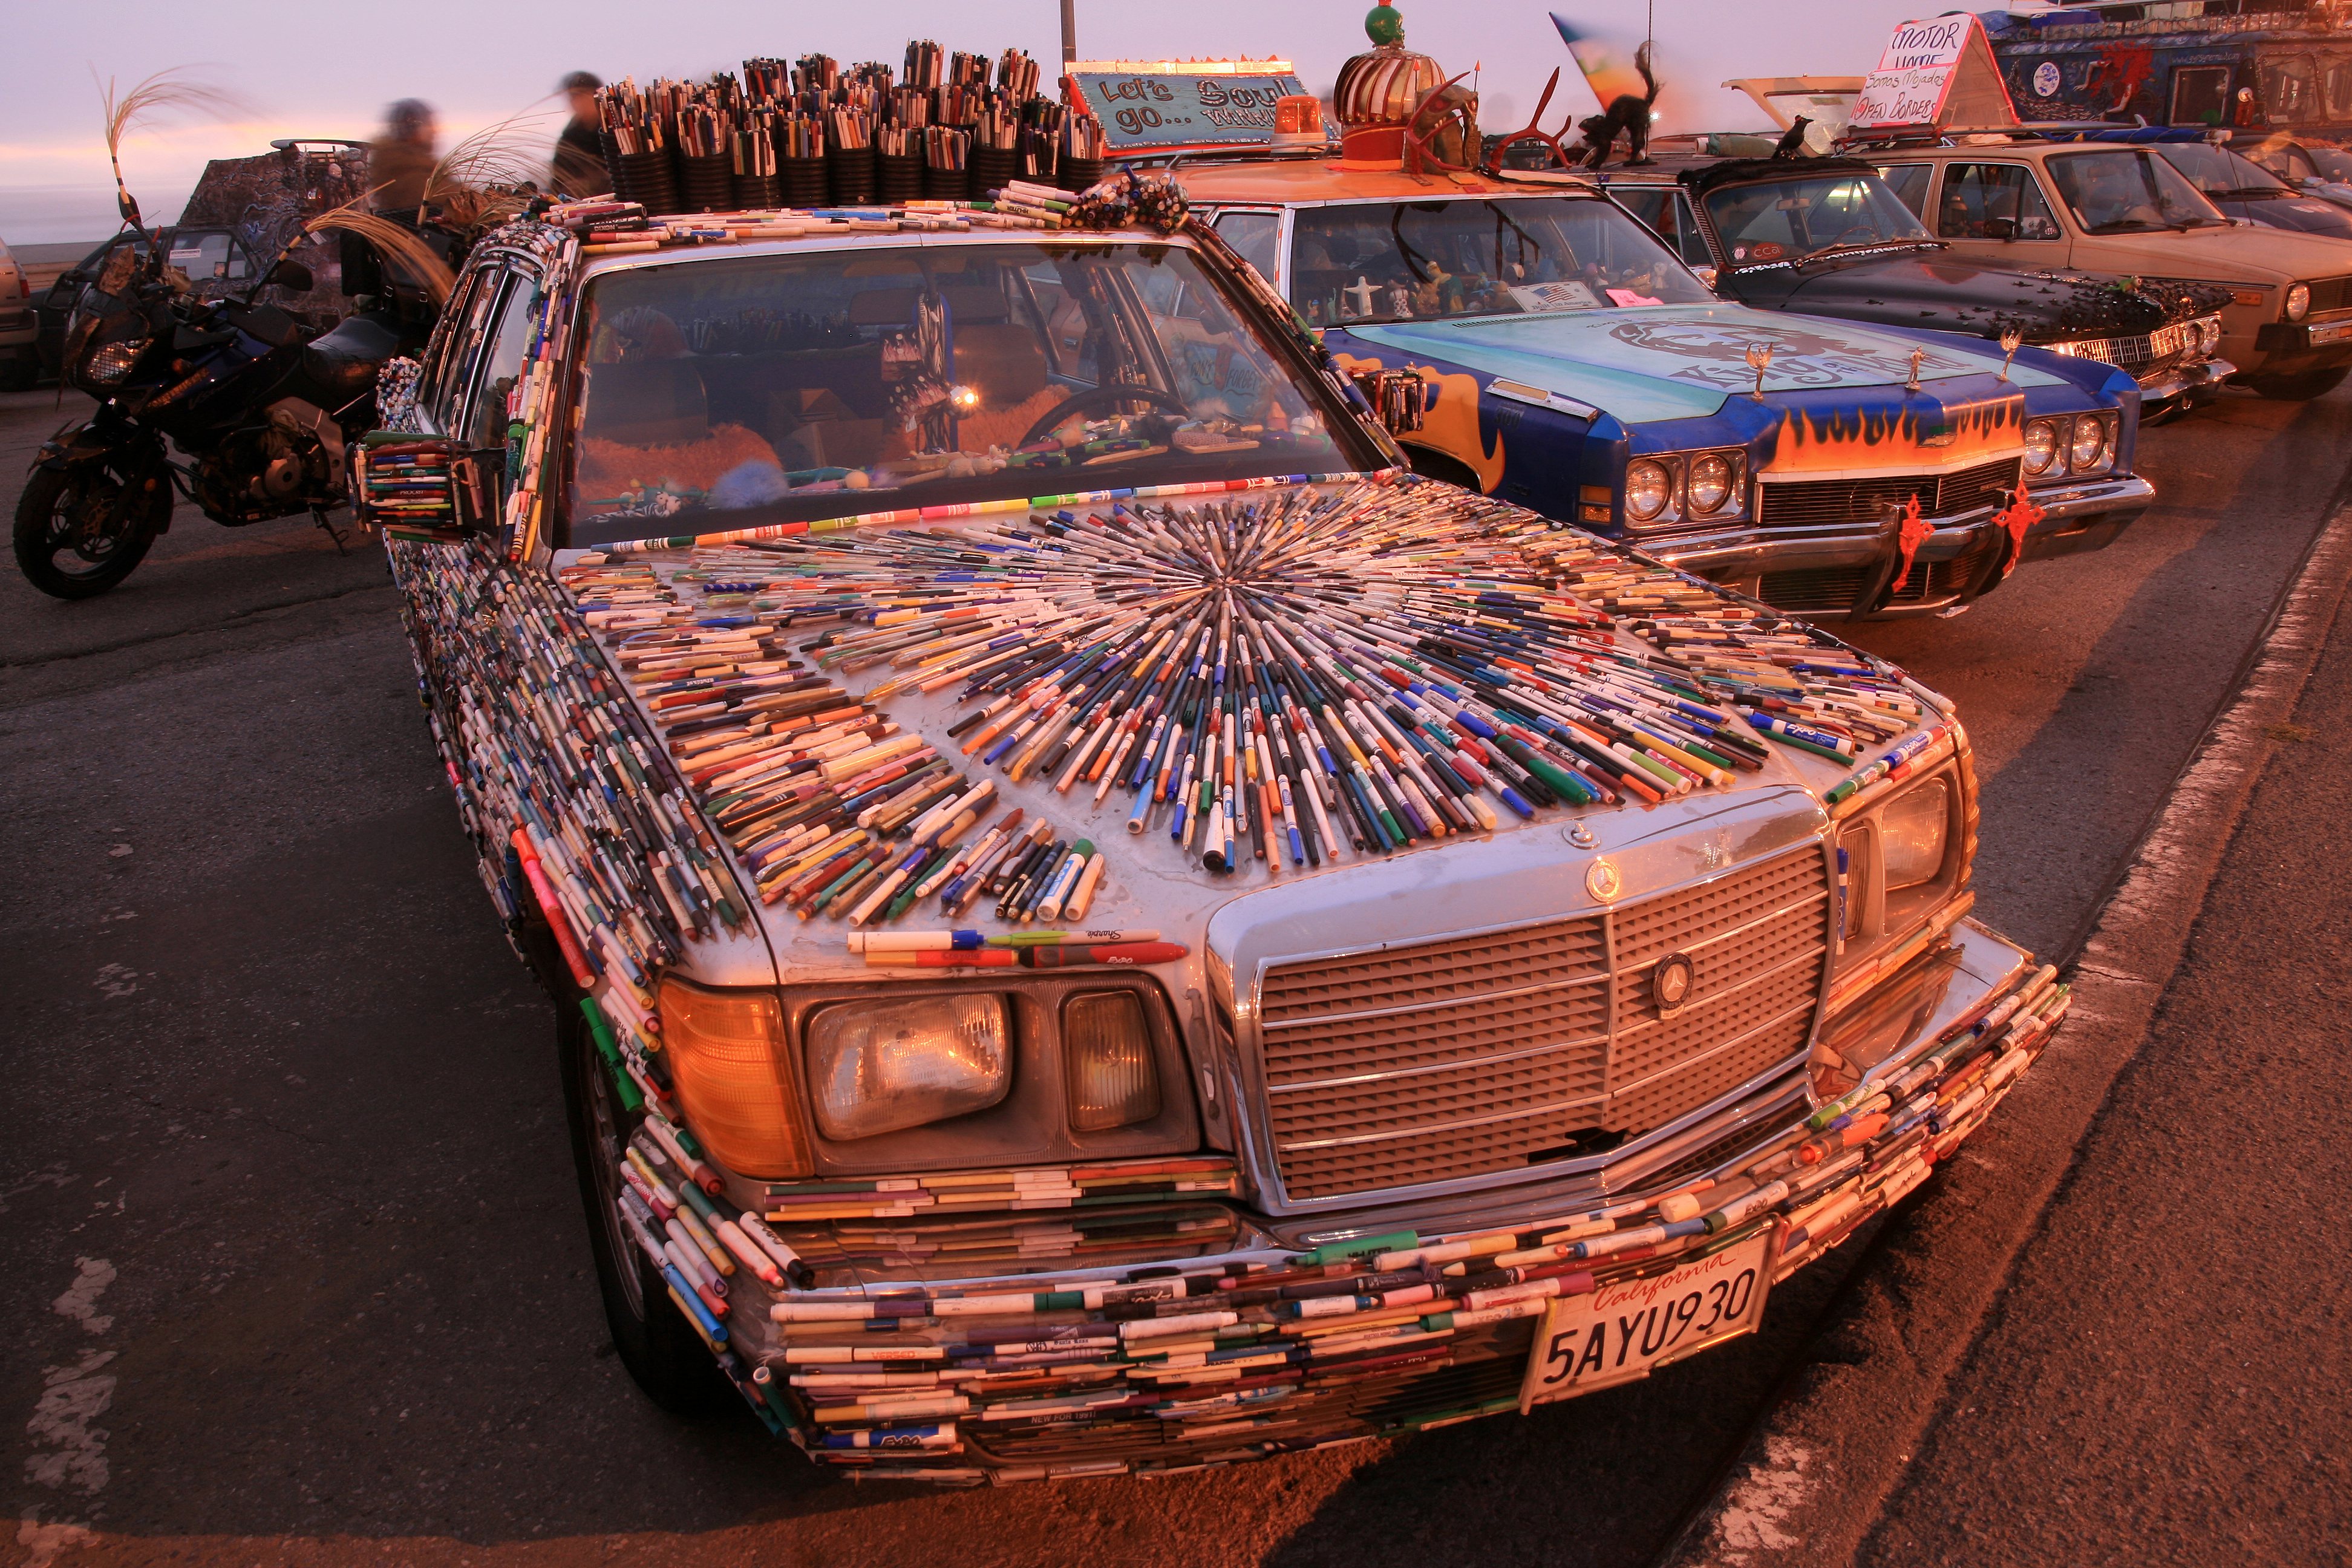 File:Artcarfest in San Francisco.jpg